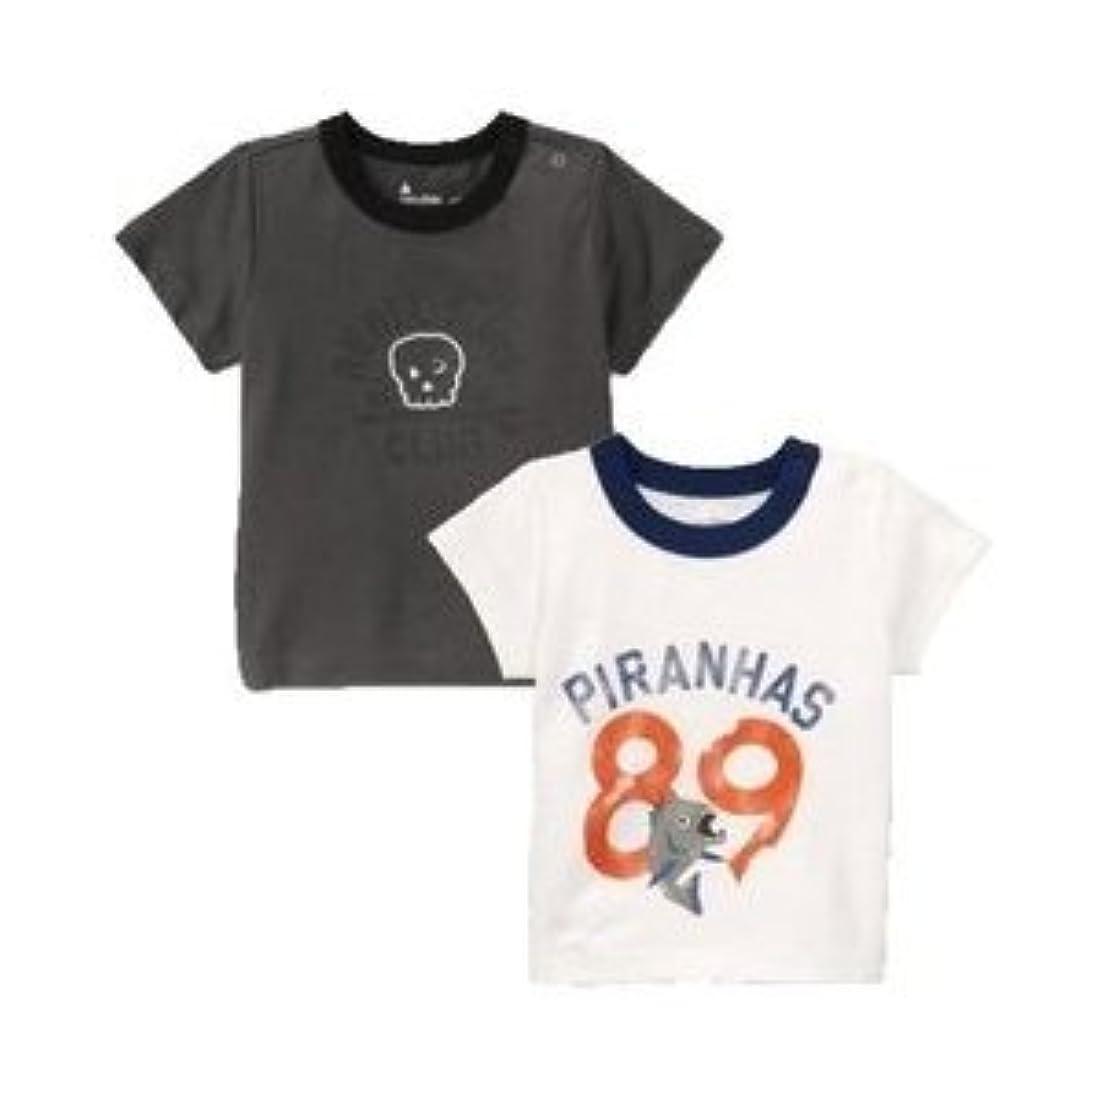 むしゃむしゃ現代の肥料baby GAP サマー Tシャツ 半袖(チャコール?ホワイト)【月齢:1歳~2歳】(並行輸入品)